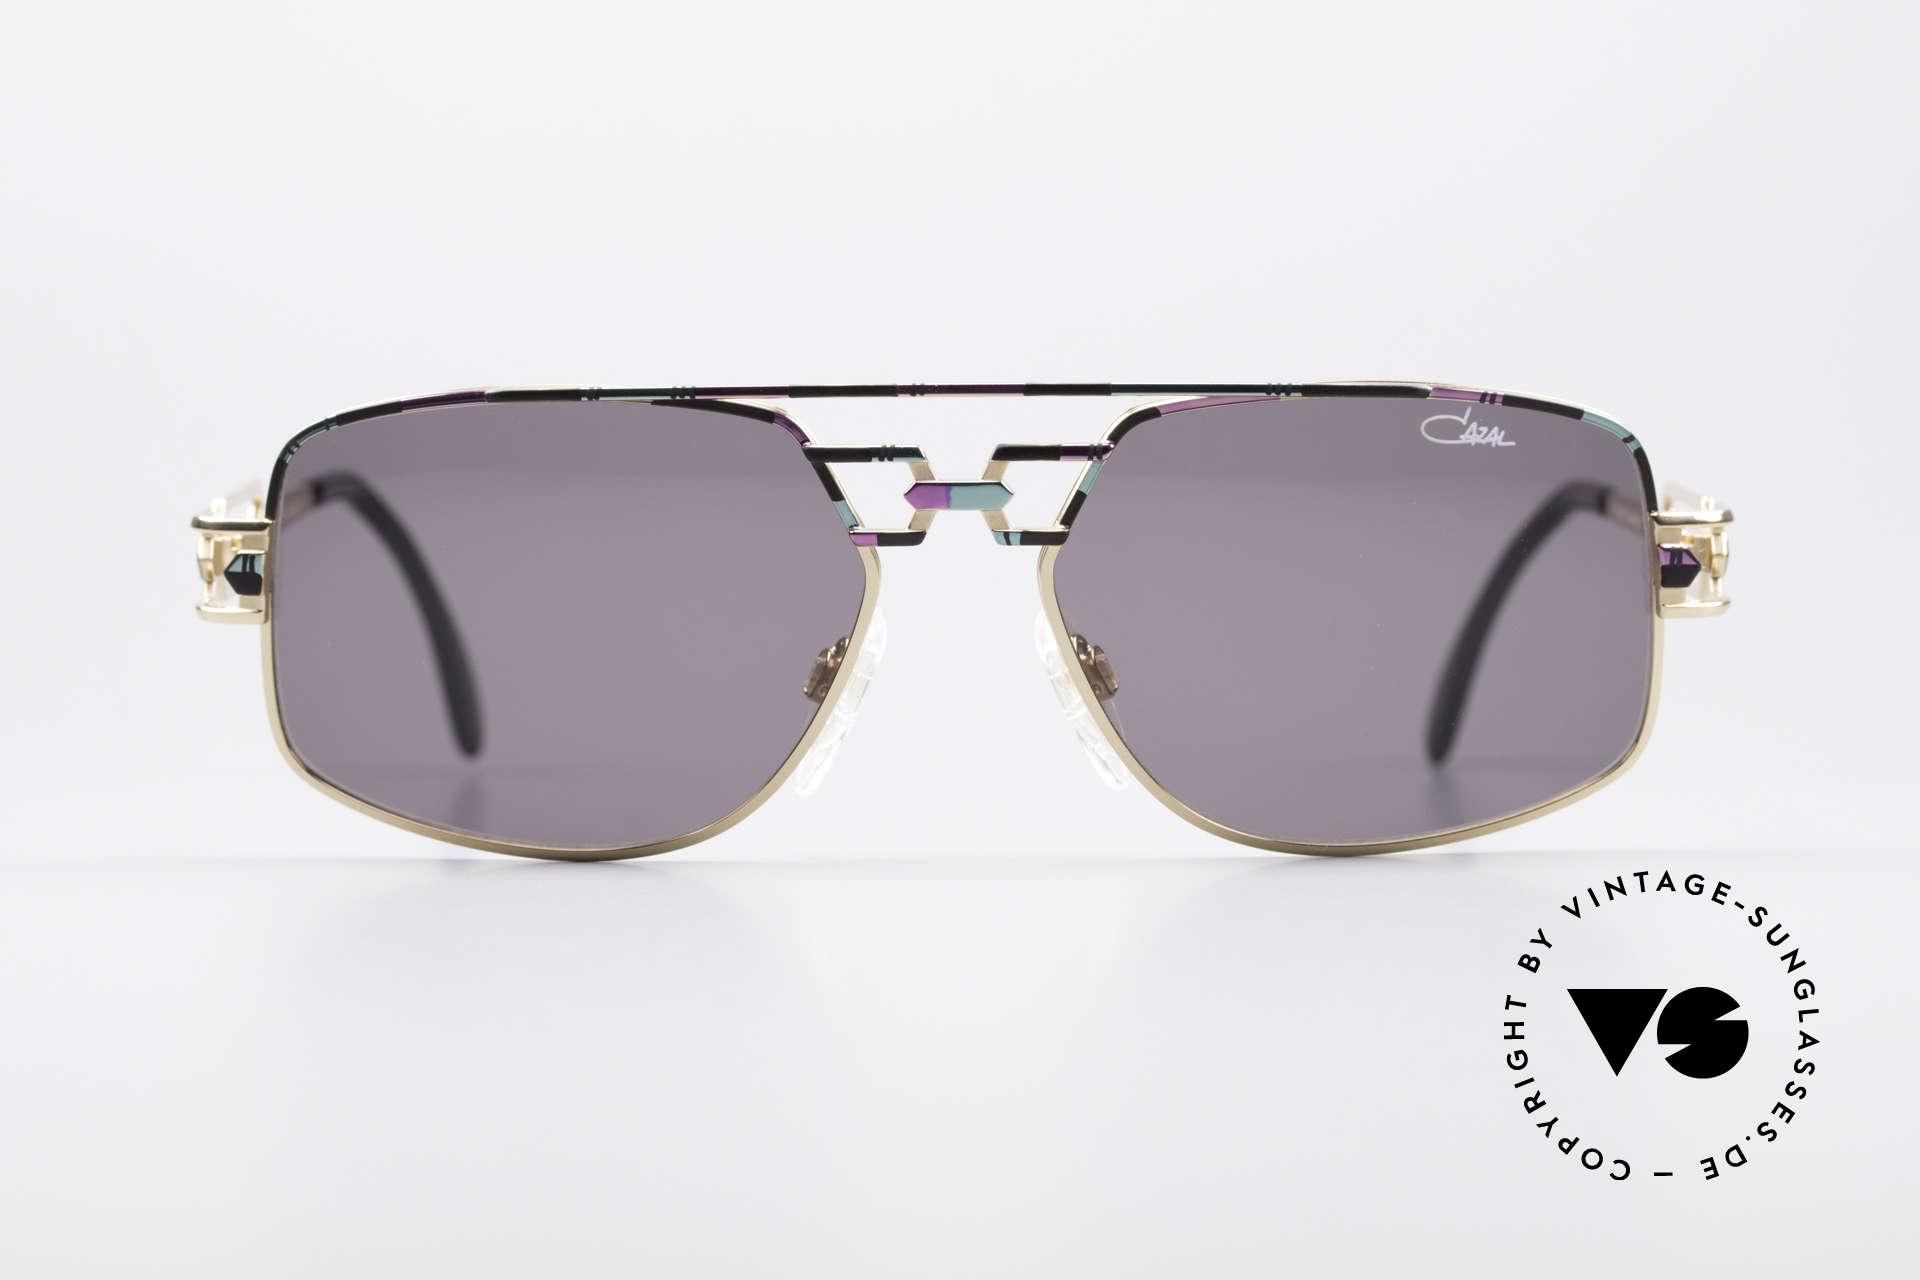 Cazal 972 No Retro Brille True Vintage, TOP-Qualität 'made in GERMANY' (in Passau gefertigt), Passend für Herren und Damen